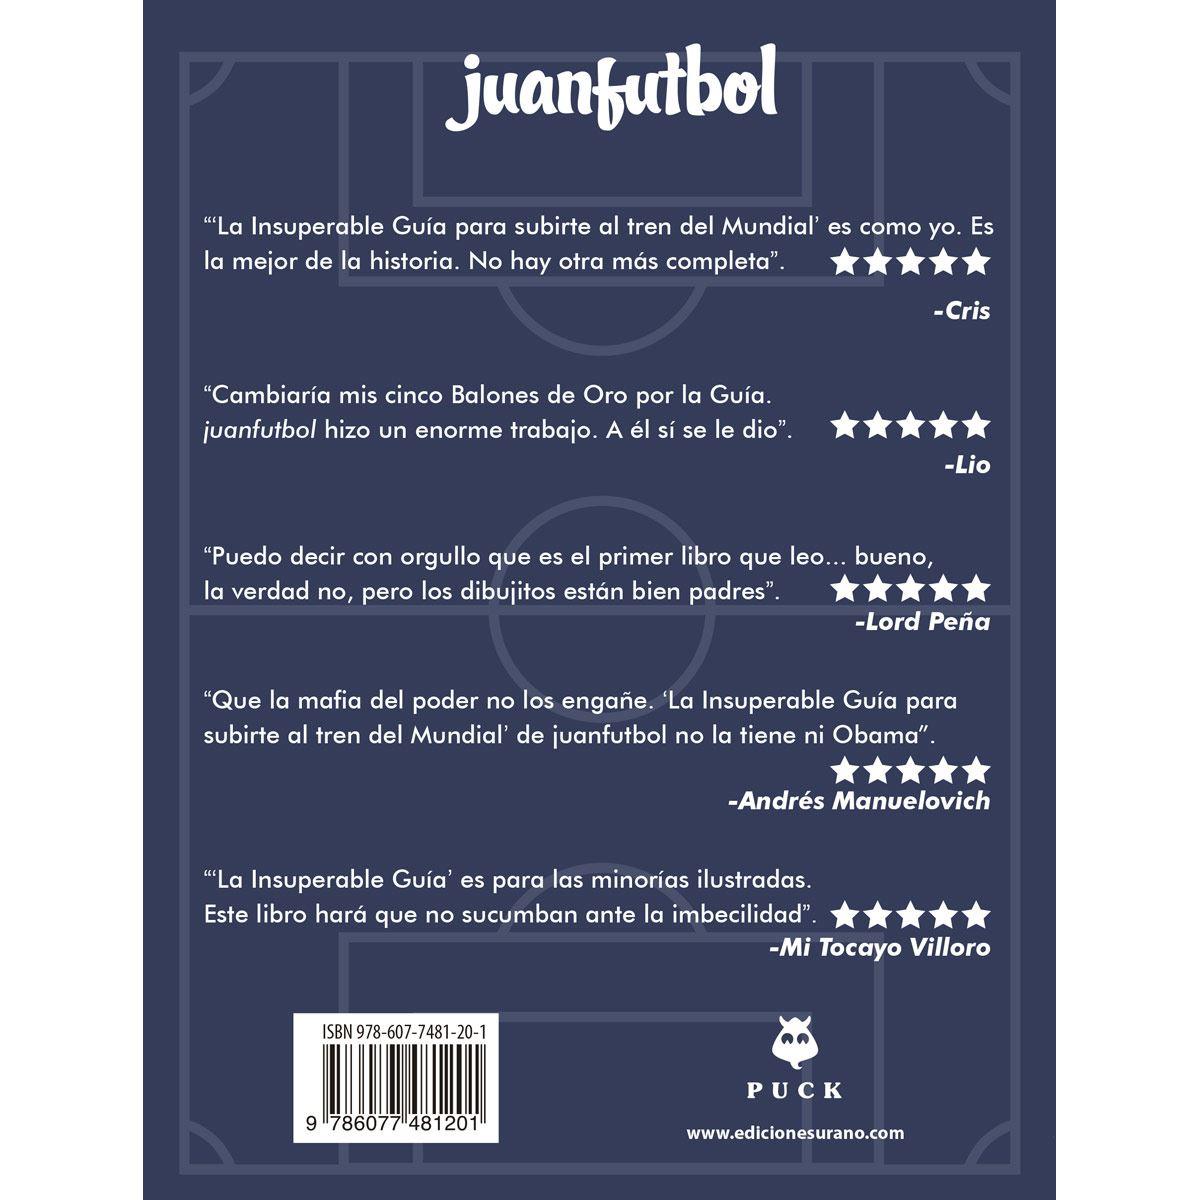 La insuperable guía para subirte al tren del mundial Libro - Sanborns